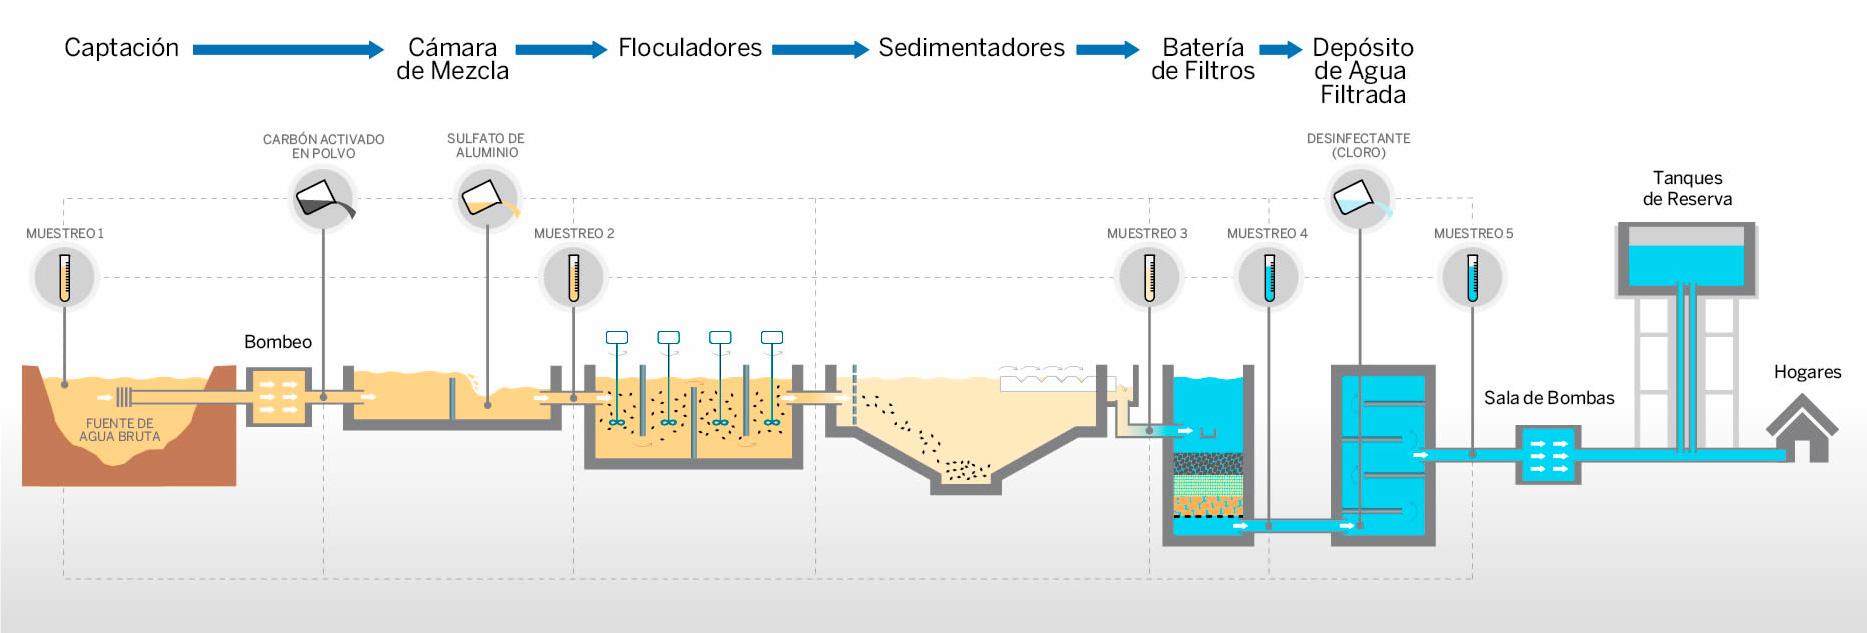 Planta de tratamiento de agua archivos spena group - Tratamientos de agua ...